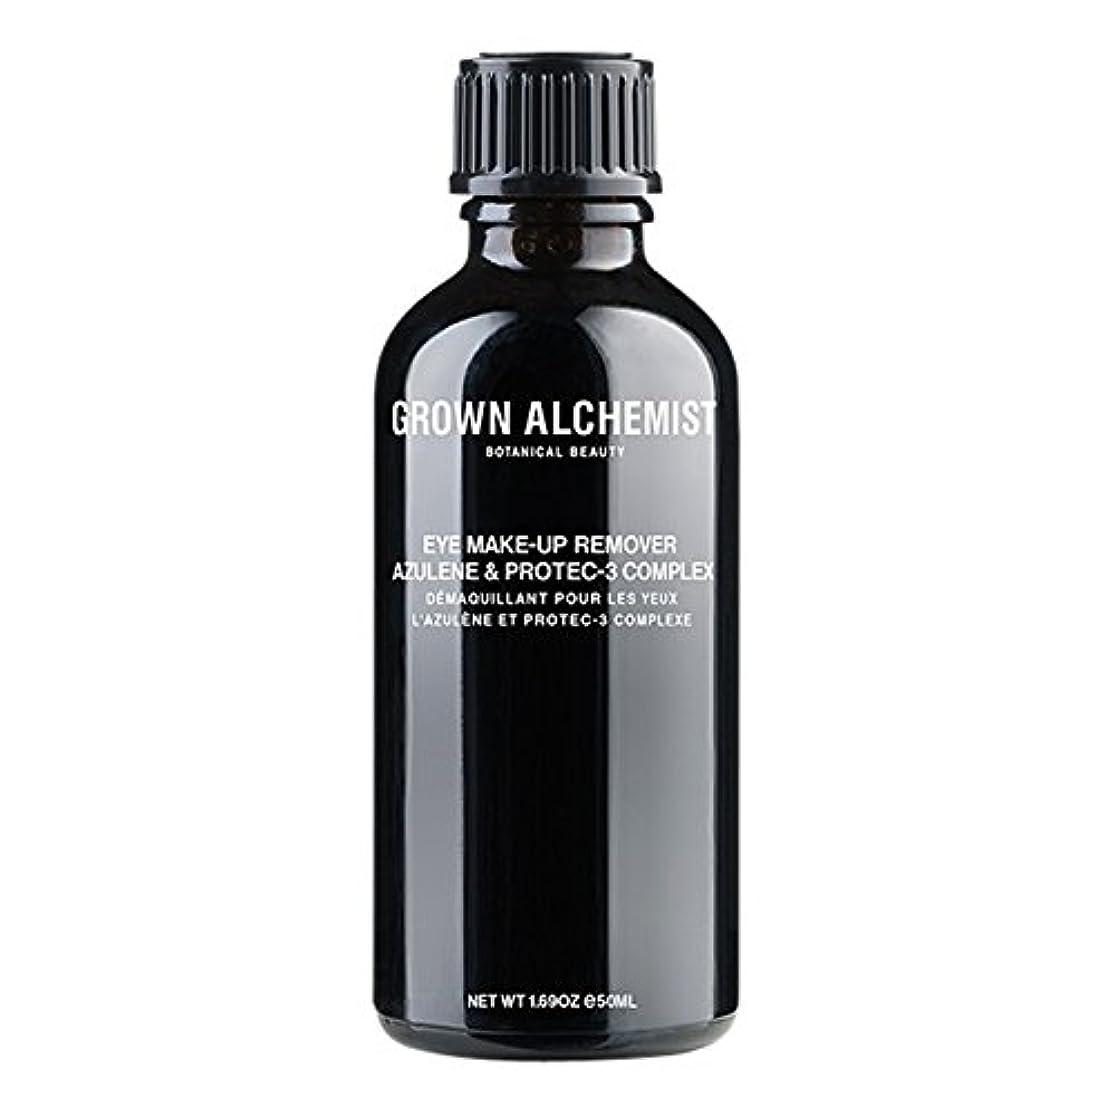 ハロウィン哀れな常習者成長した錬金術師アズレン&Protec-3アイメイクアップリムーバーの50ミリリットル (Grown Alchemist) - Grown Alchemist Azulene & Protec-3 Eye-Makeup...